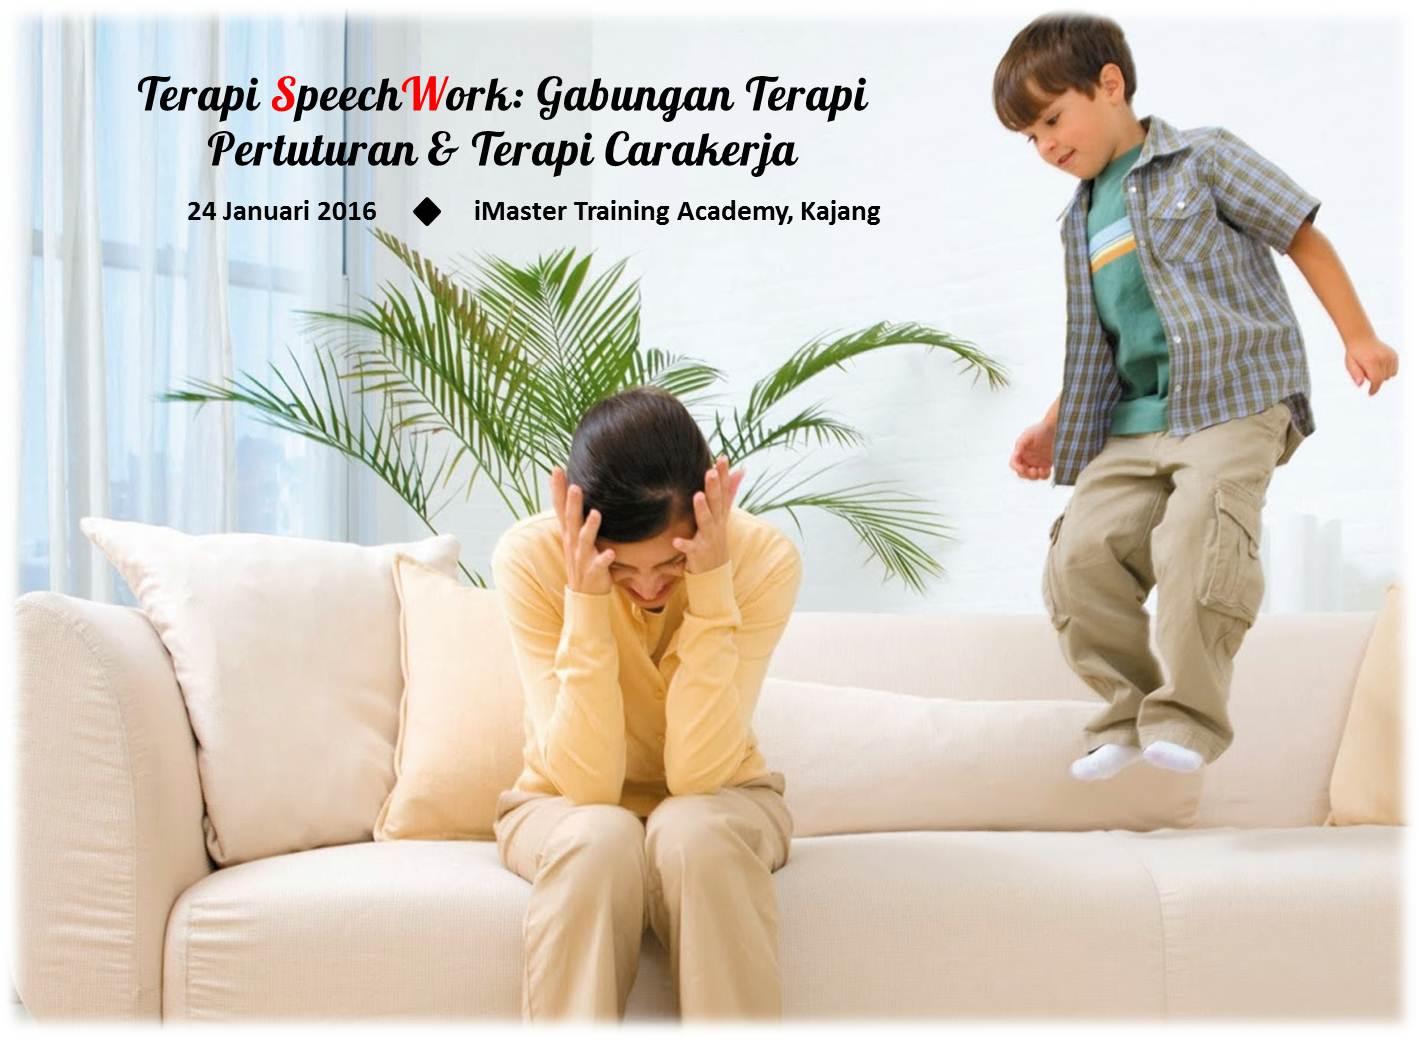 Bengkel Ibu Bapa SpeechWork Therapy : Gabungan Terapi Pertuturan dan Terapi Carakerja